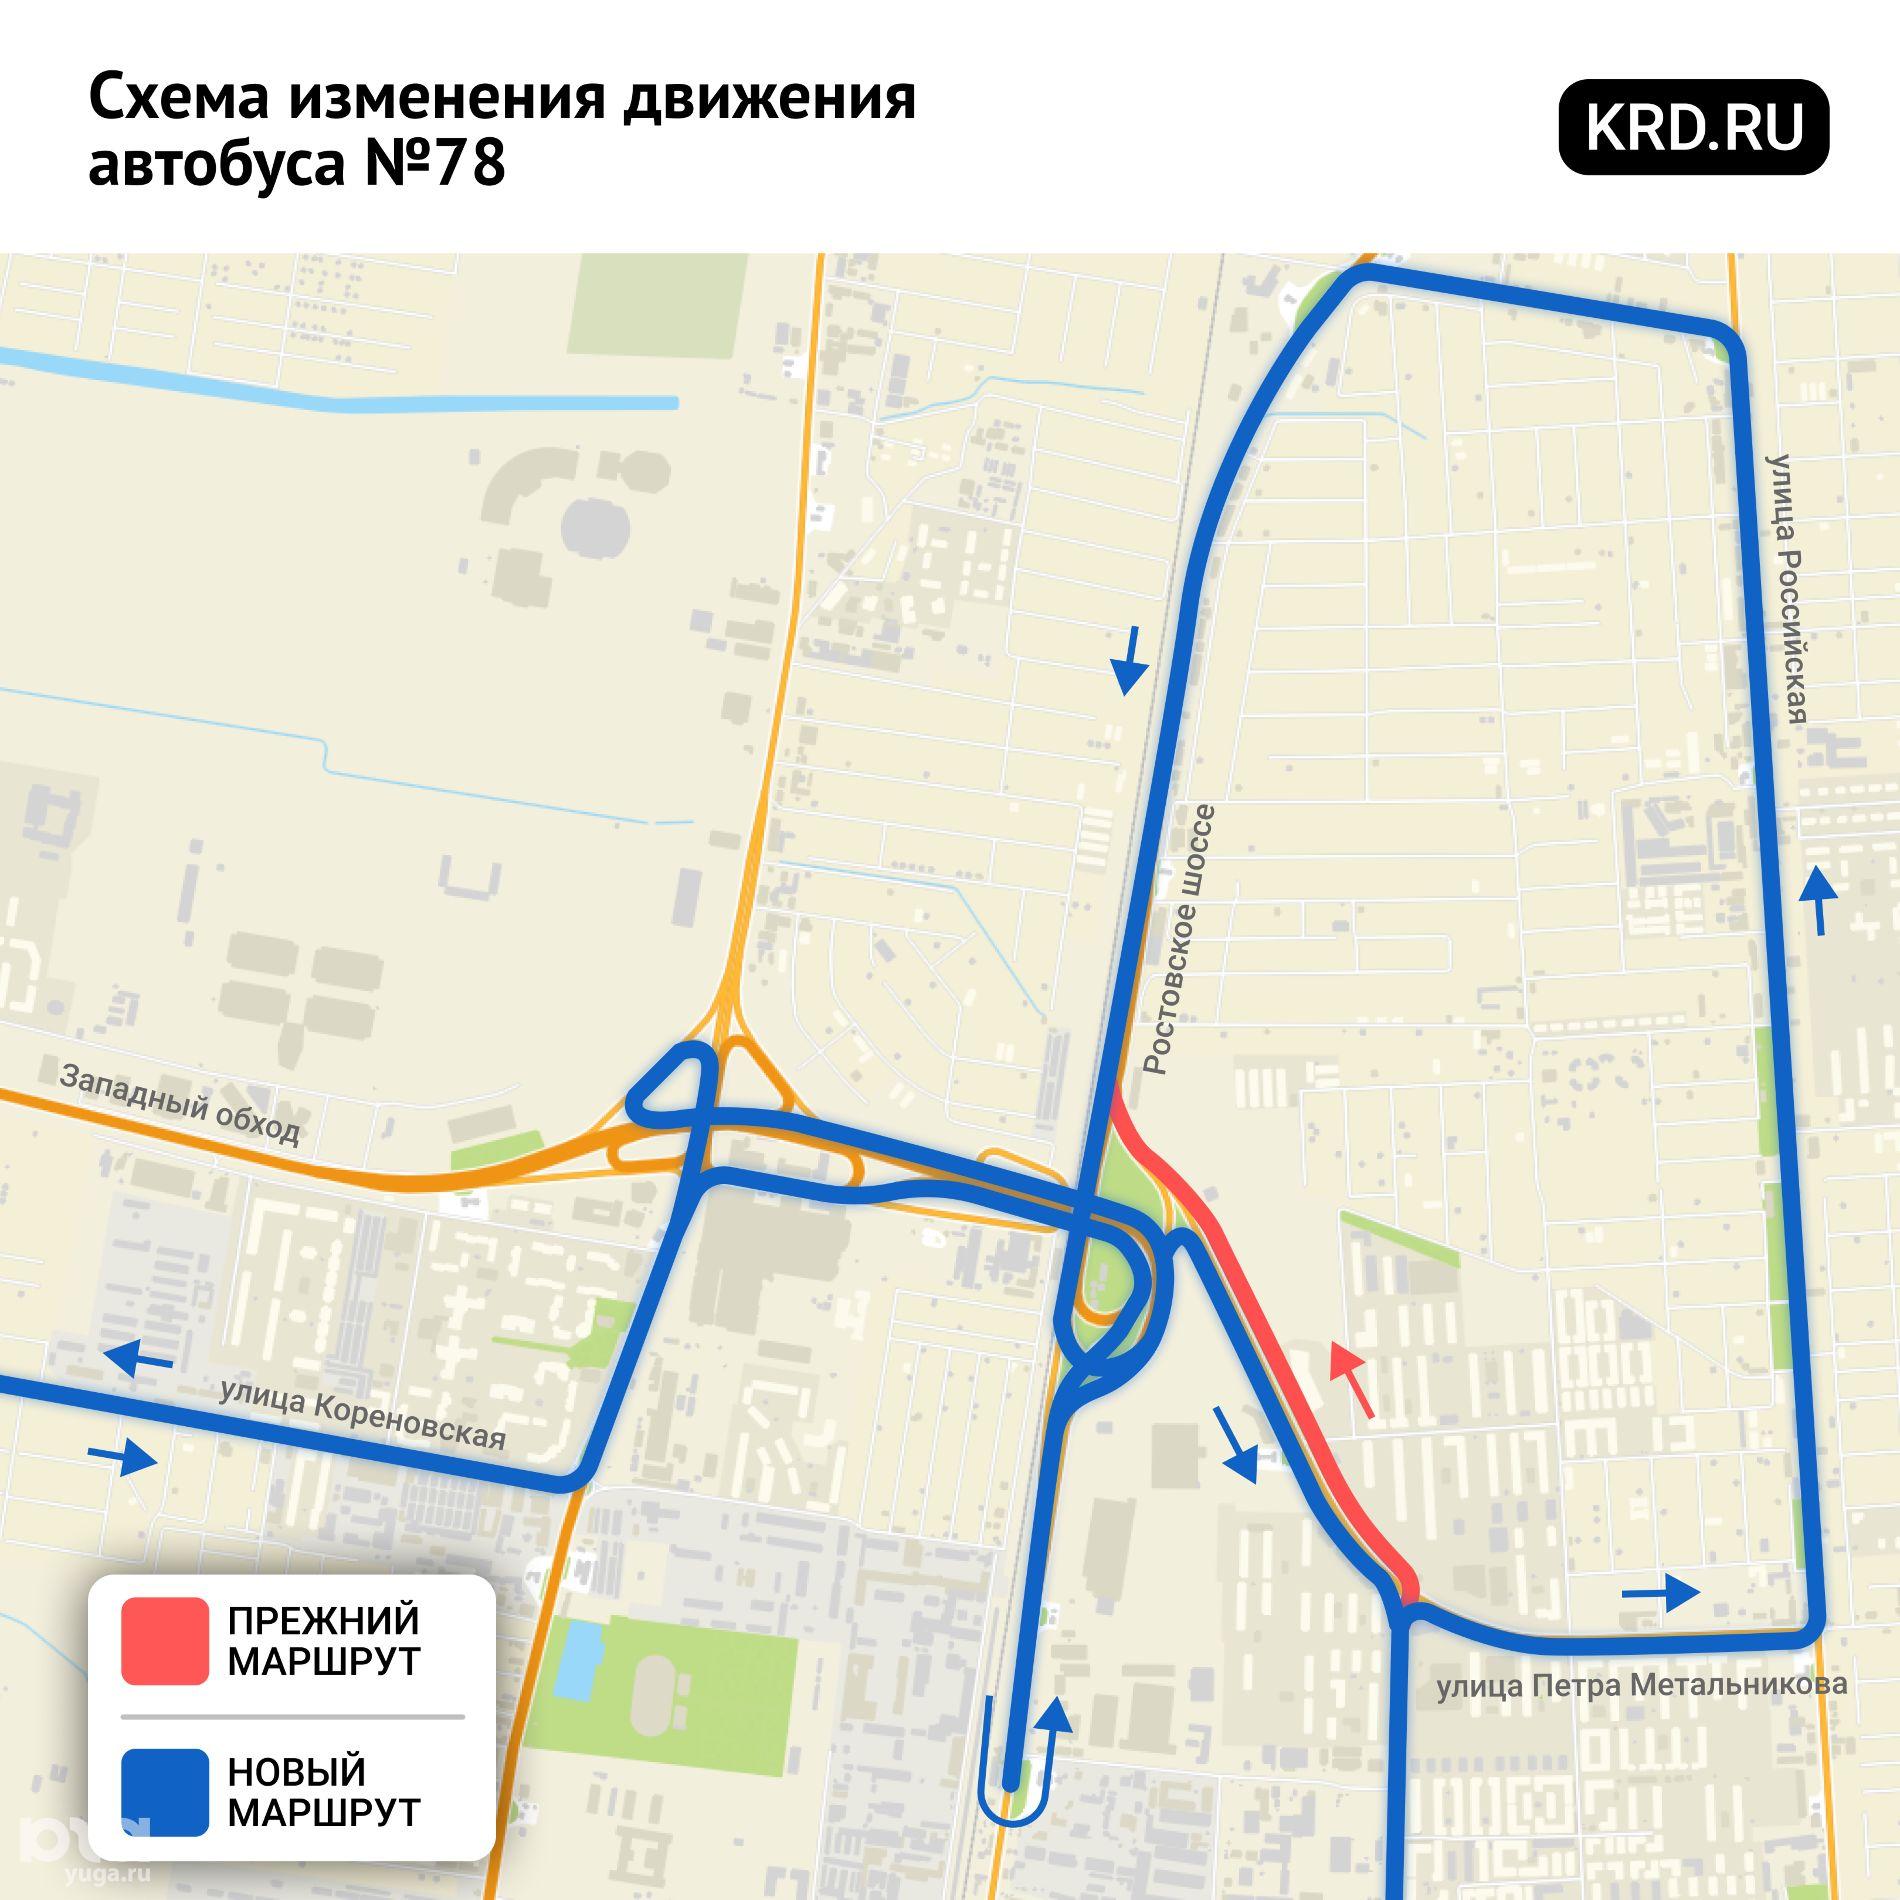 Схема маршрута автобуса № 78 «Комсомольский микрорайон — гипермаркет «Магнит Семейный» 5–8 мая ©изображение пресс-службы администрации Краснодара